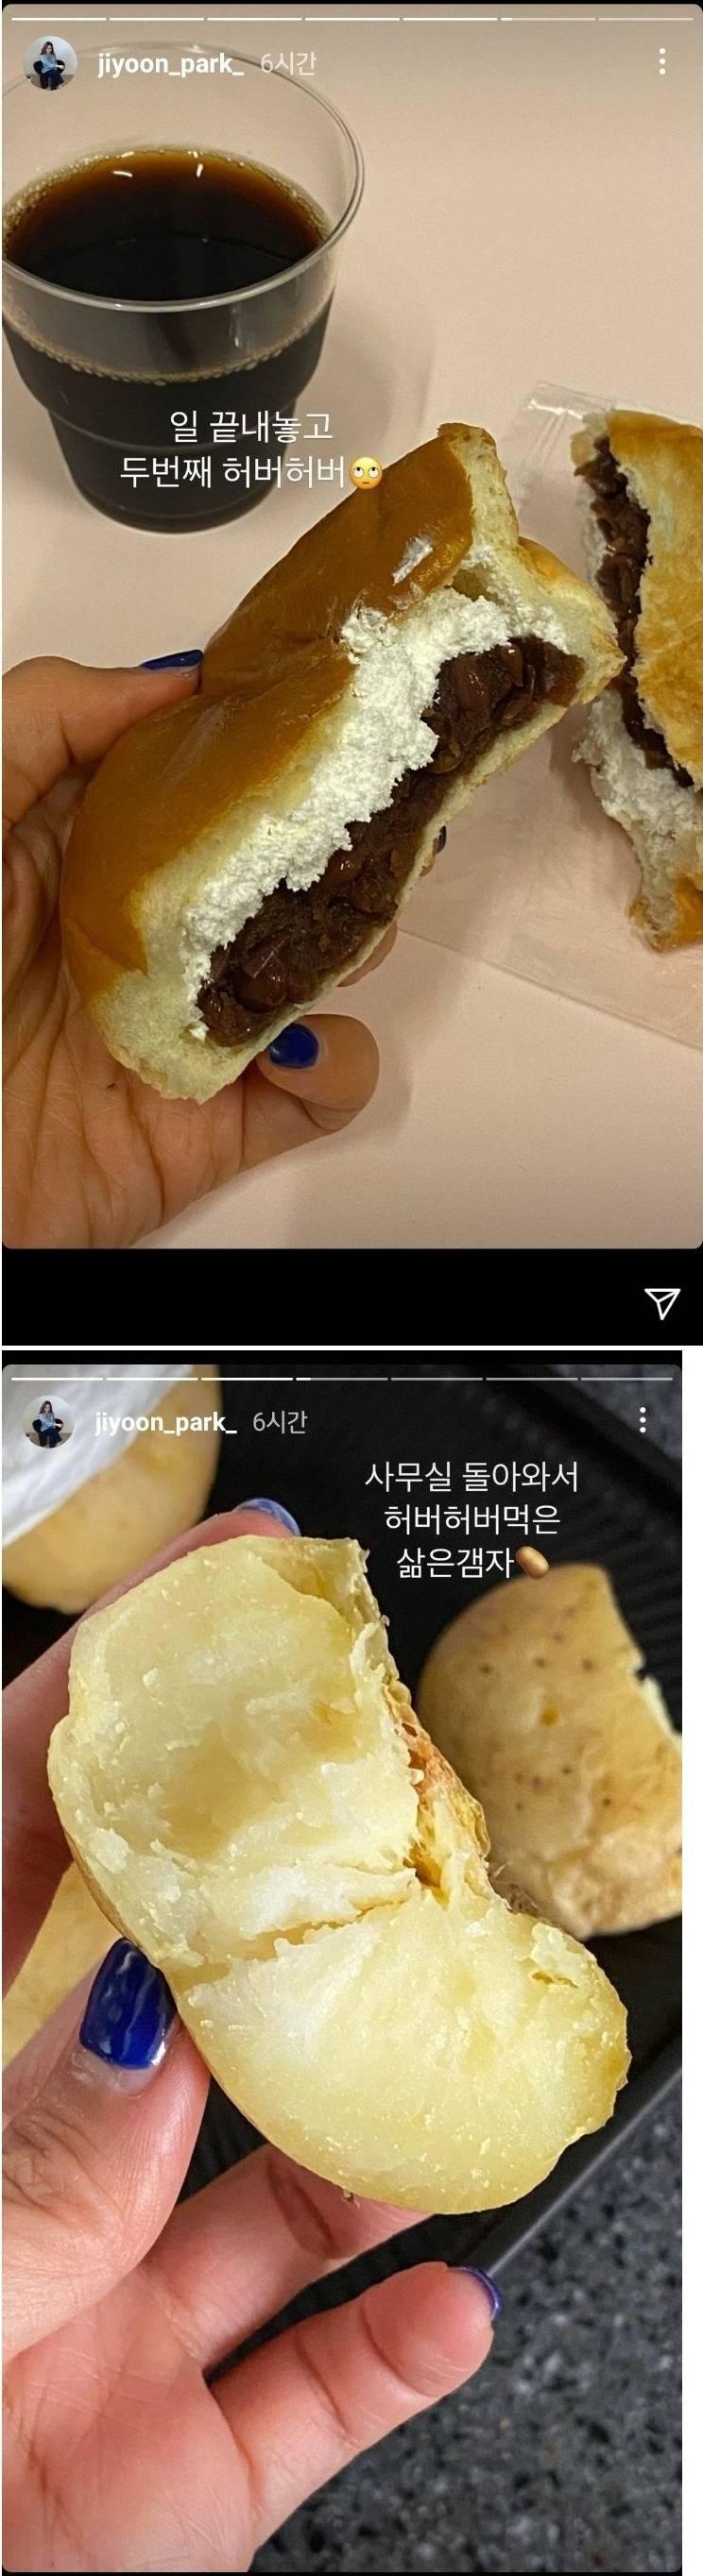 박지윤 아나운서 근황